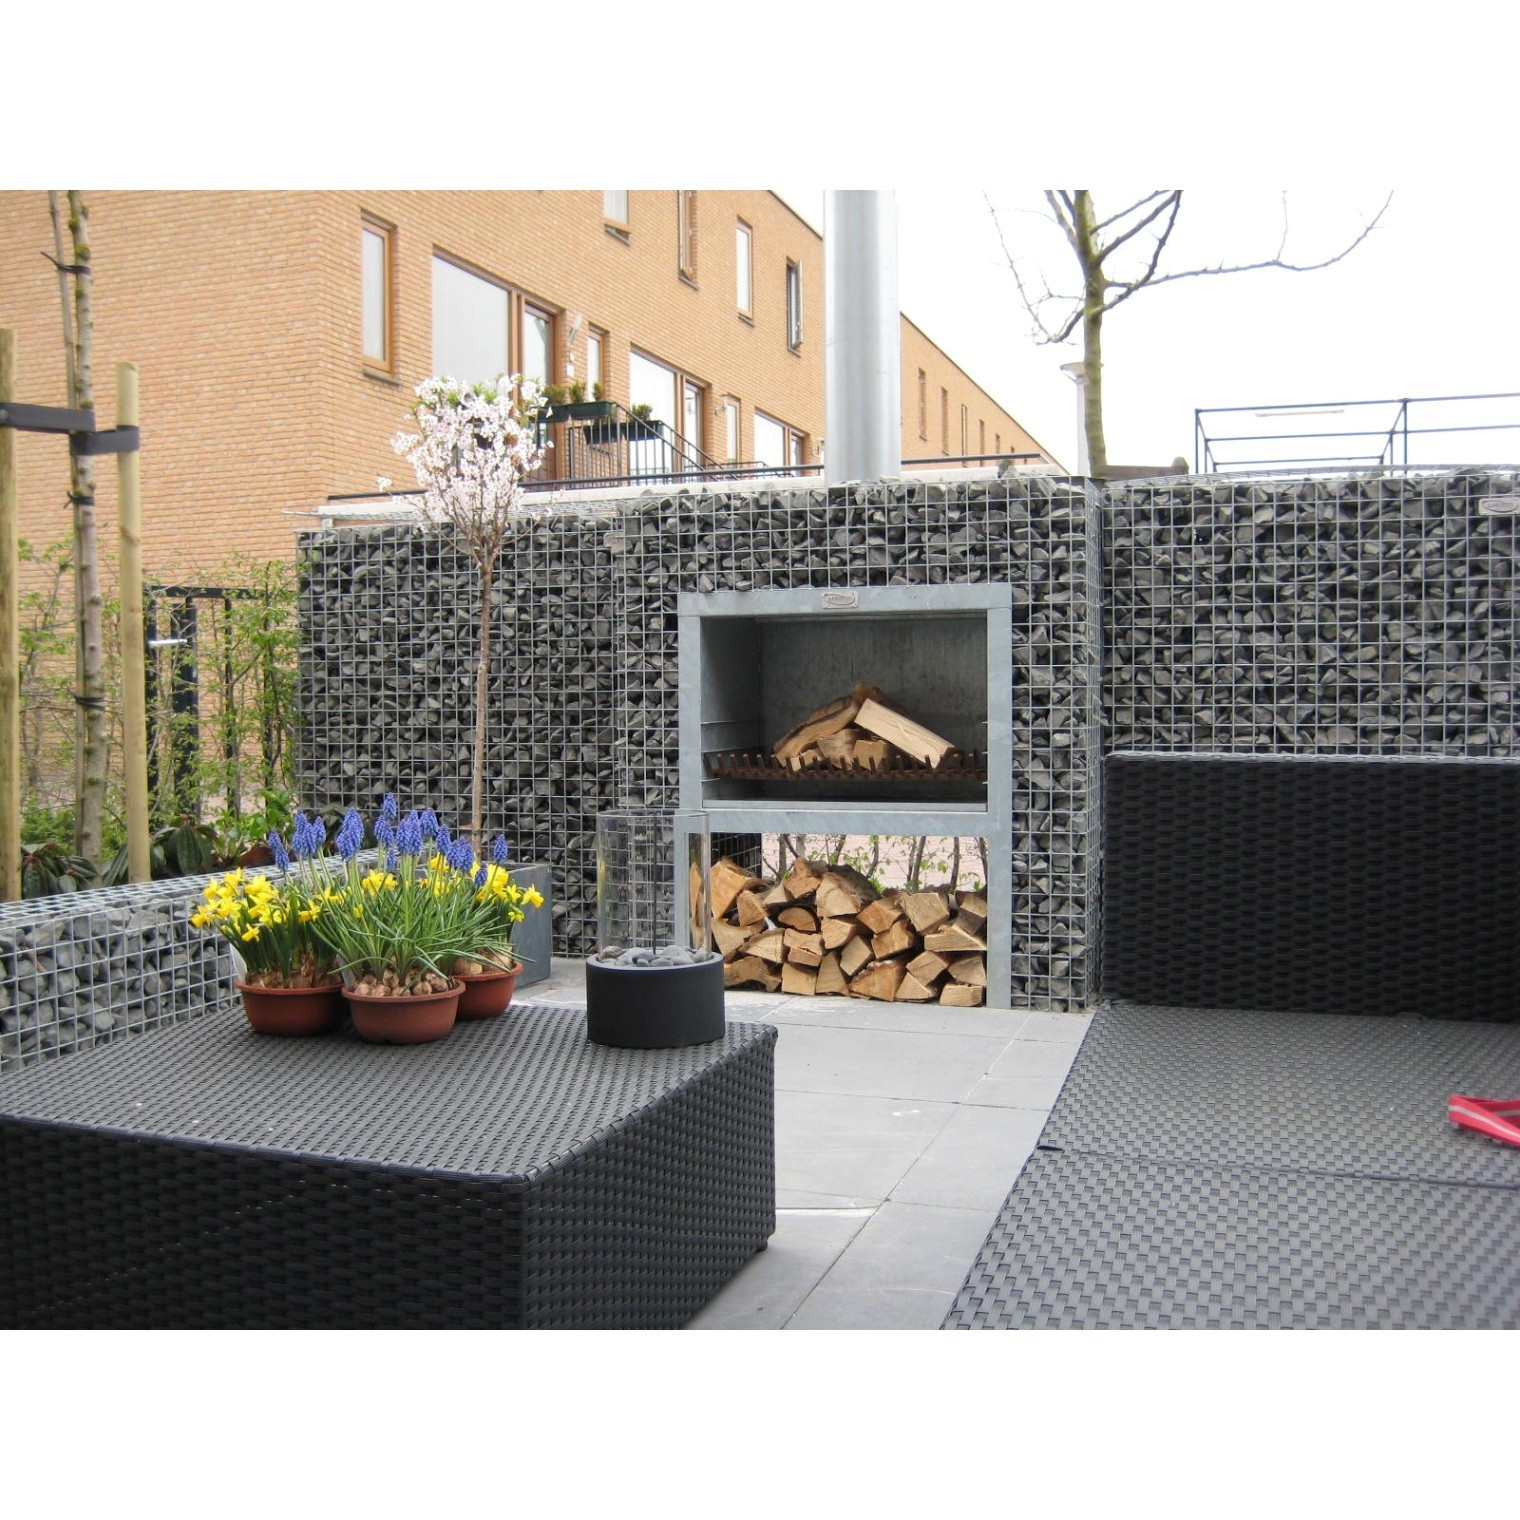 Banc De Jardin En Palette Nouveau Stock Terrasse De Jardin En Palette Avec Brillant Idee De Terrasse Cool